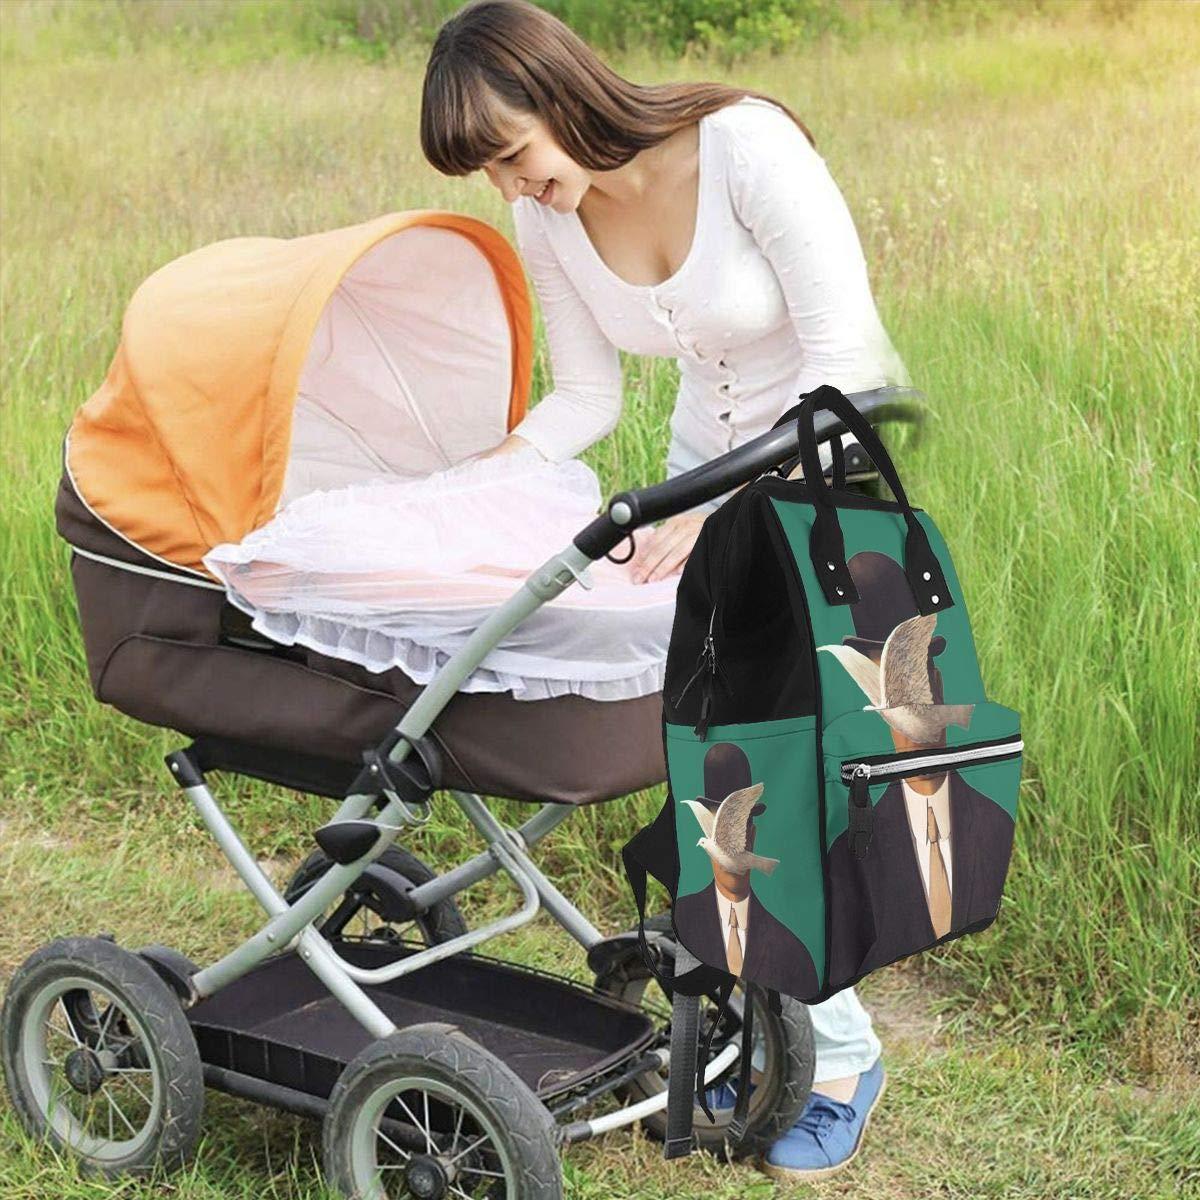 gran capacidad elegante y duradera Bolsa de pa/ñales multifunci/ón Rene Magritte Mania para el cuidado del beb/é resistente al agua